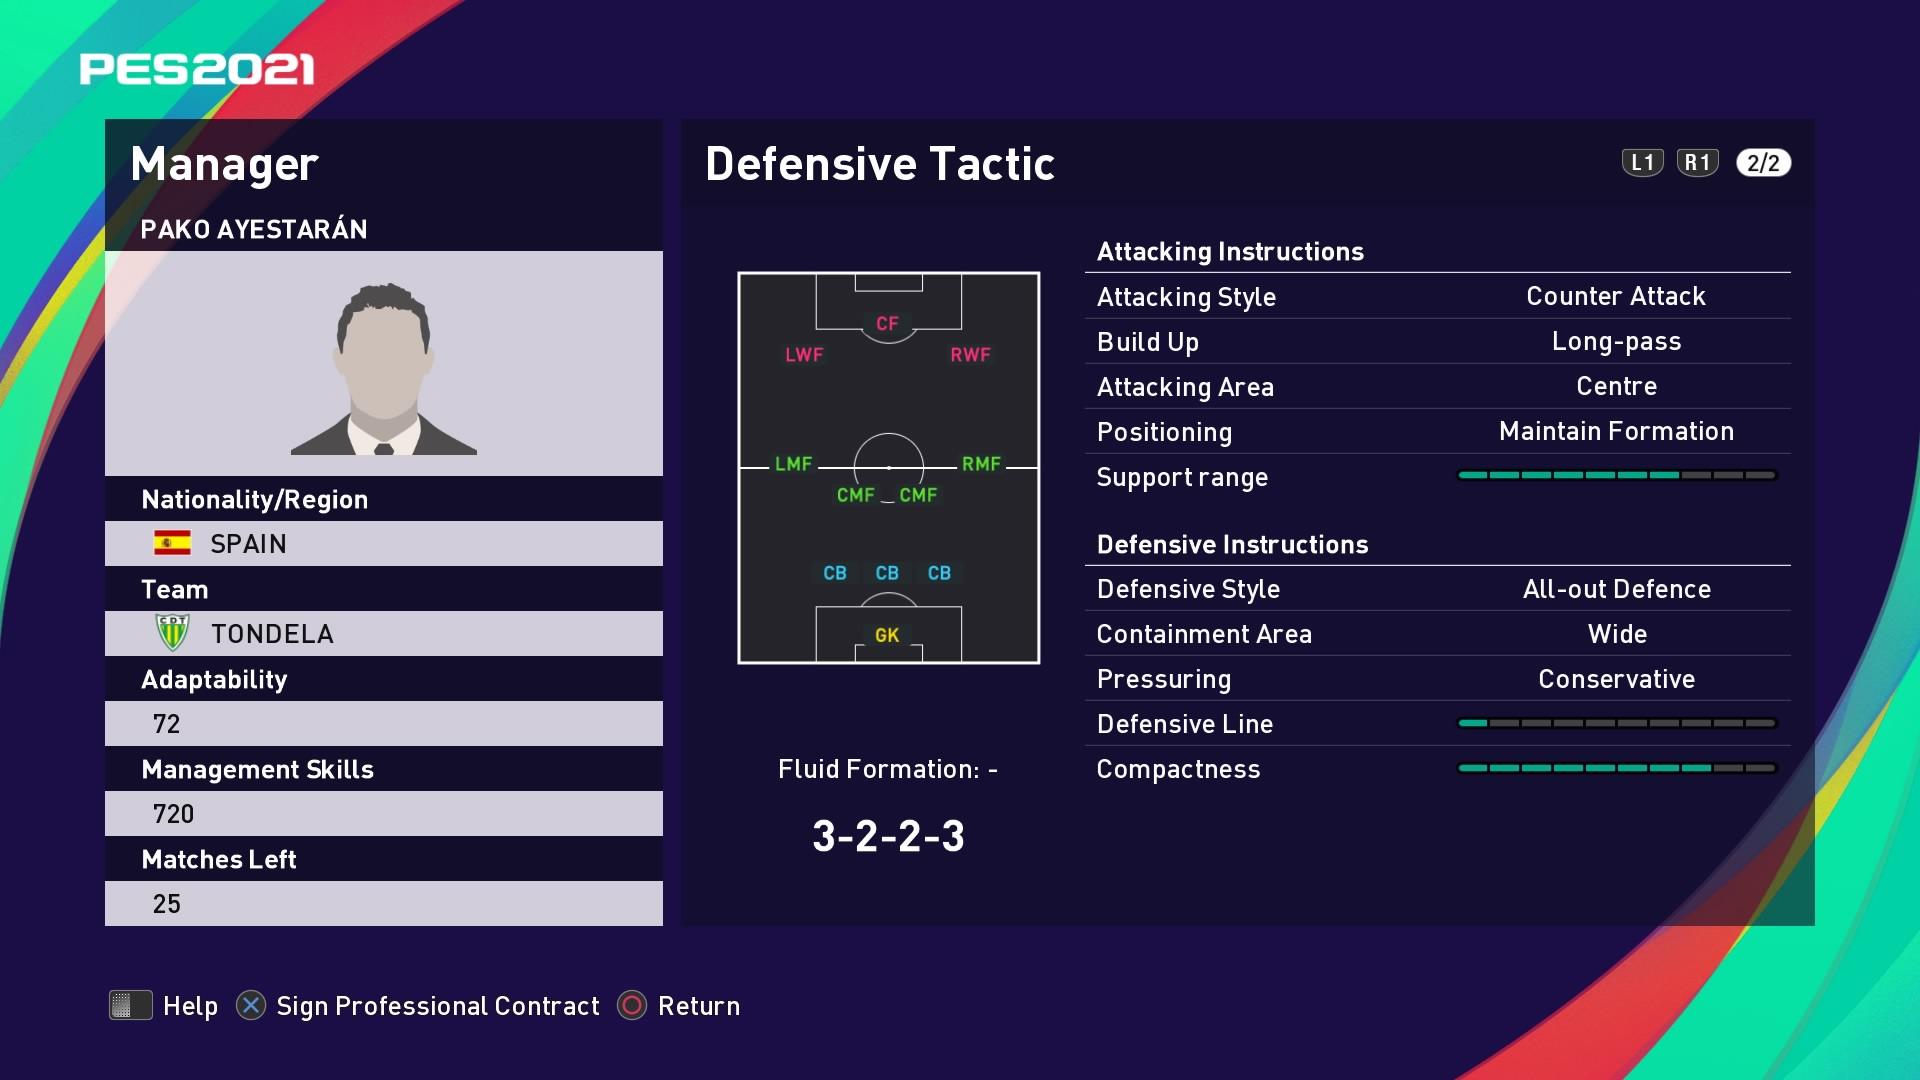 Pako Ayestarán (Natxo González) Defensive Tactic in PES 2021 myClub